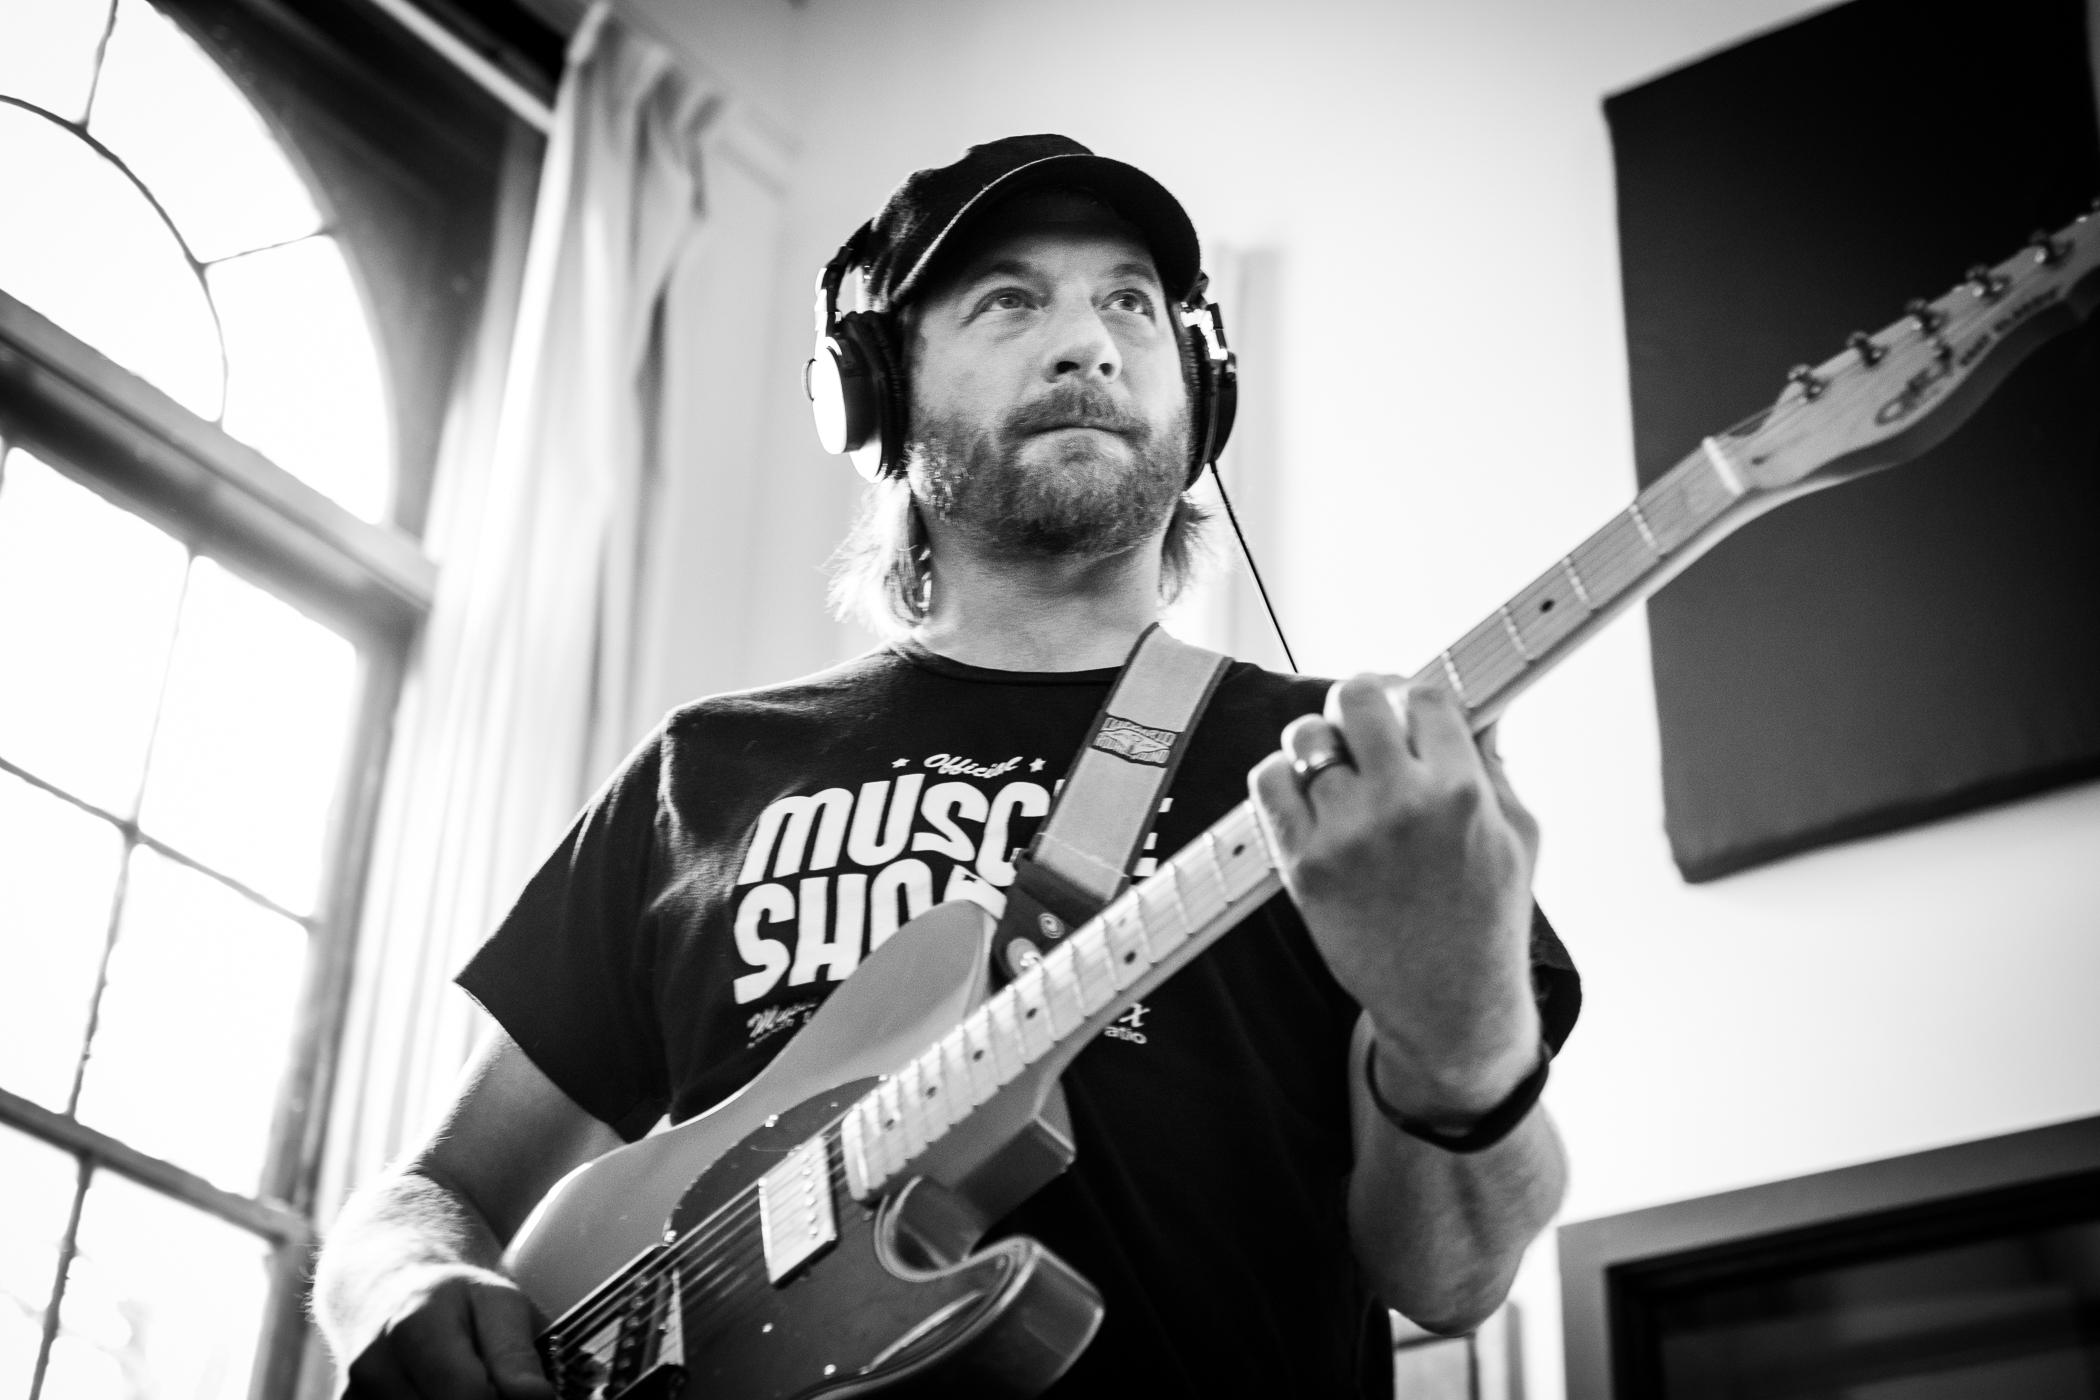 Aaron_Guitar-7577.jpg